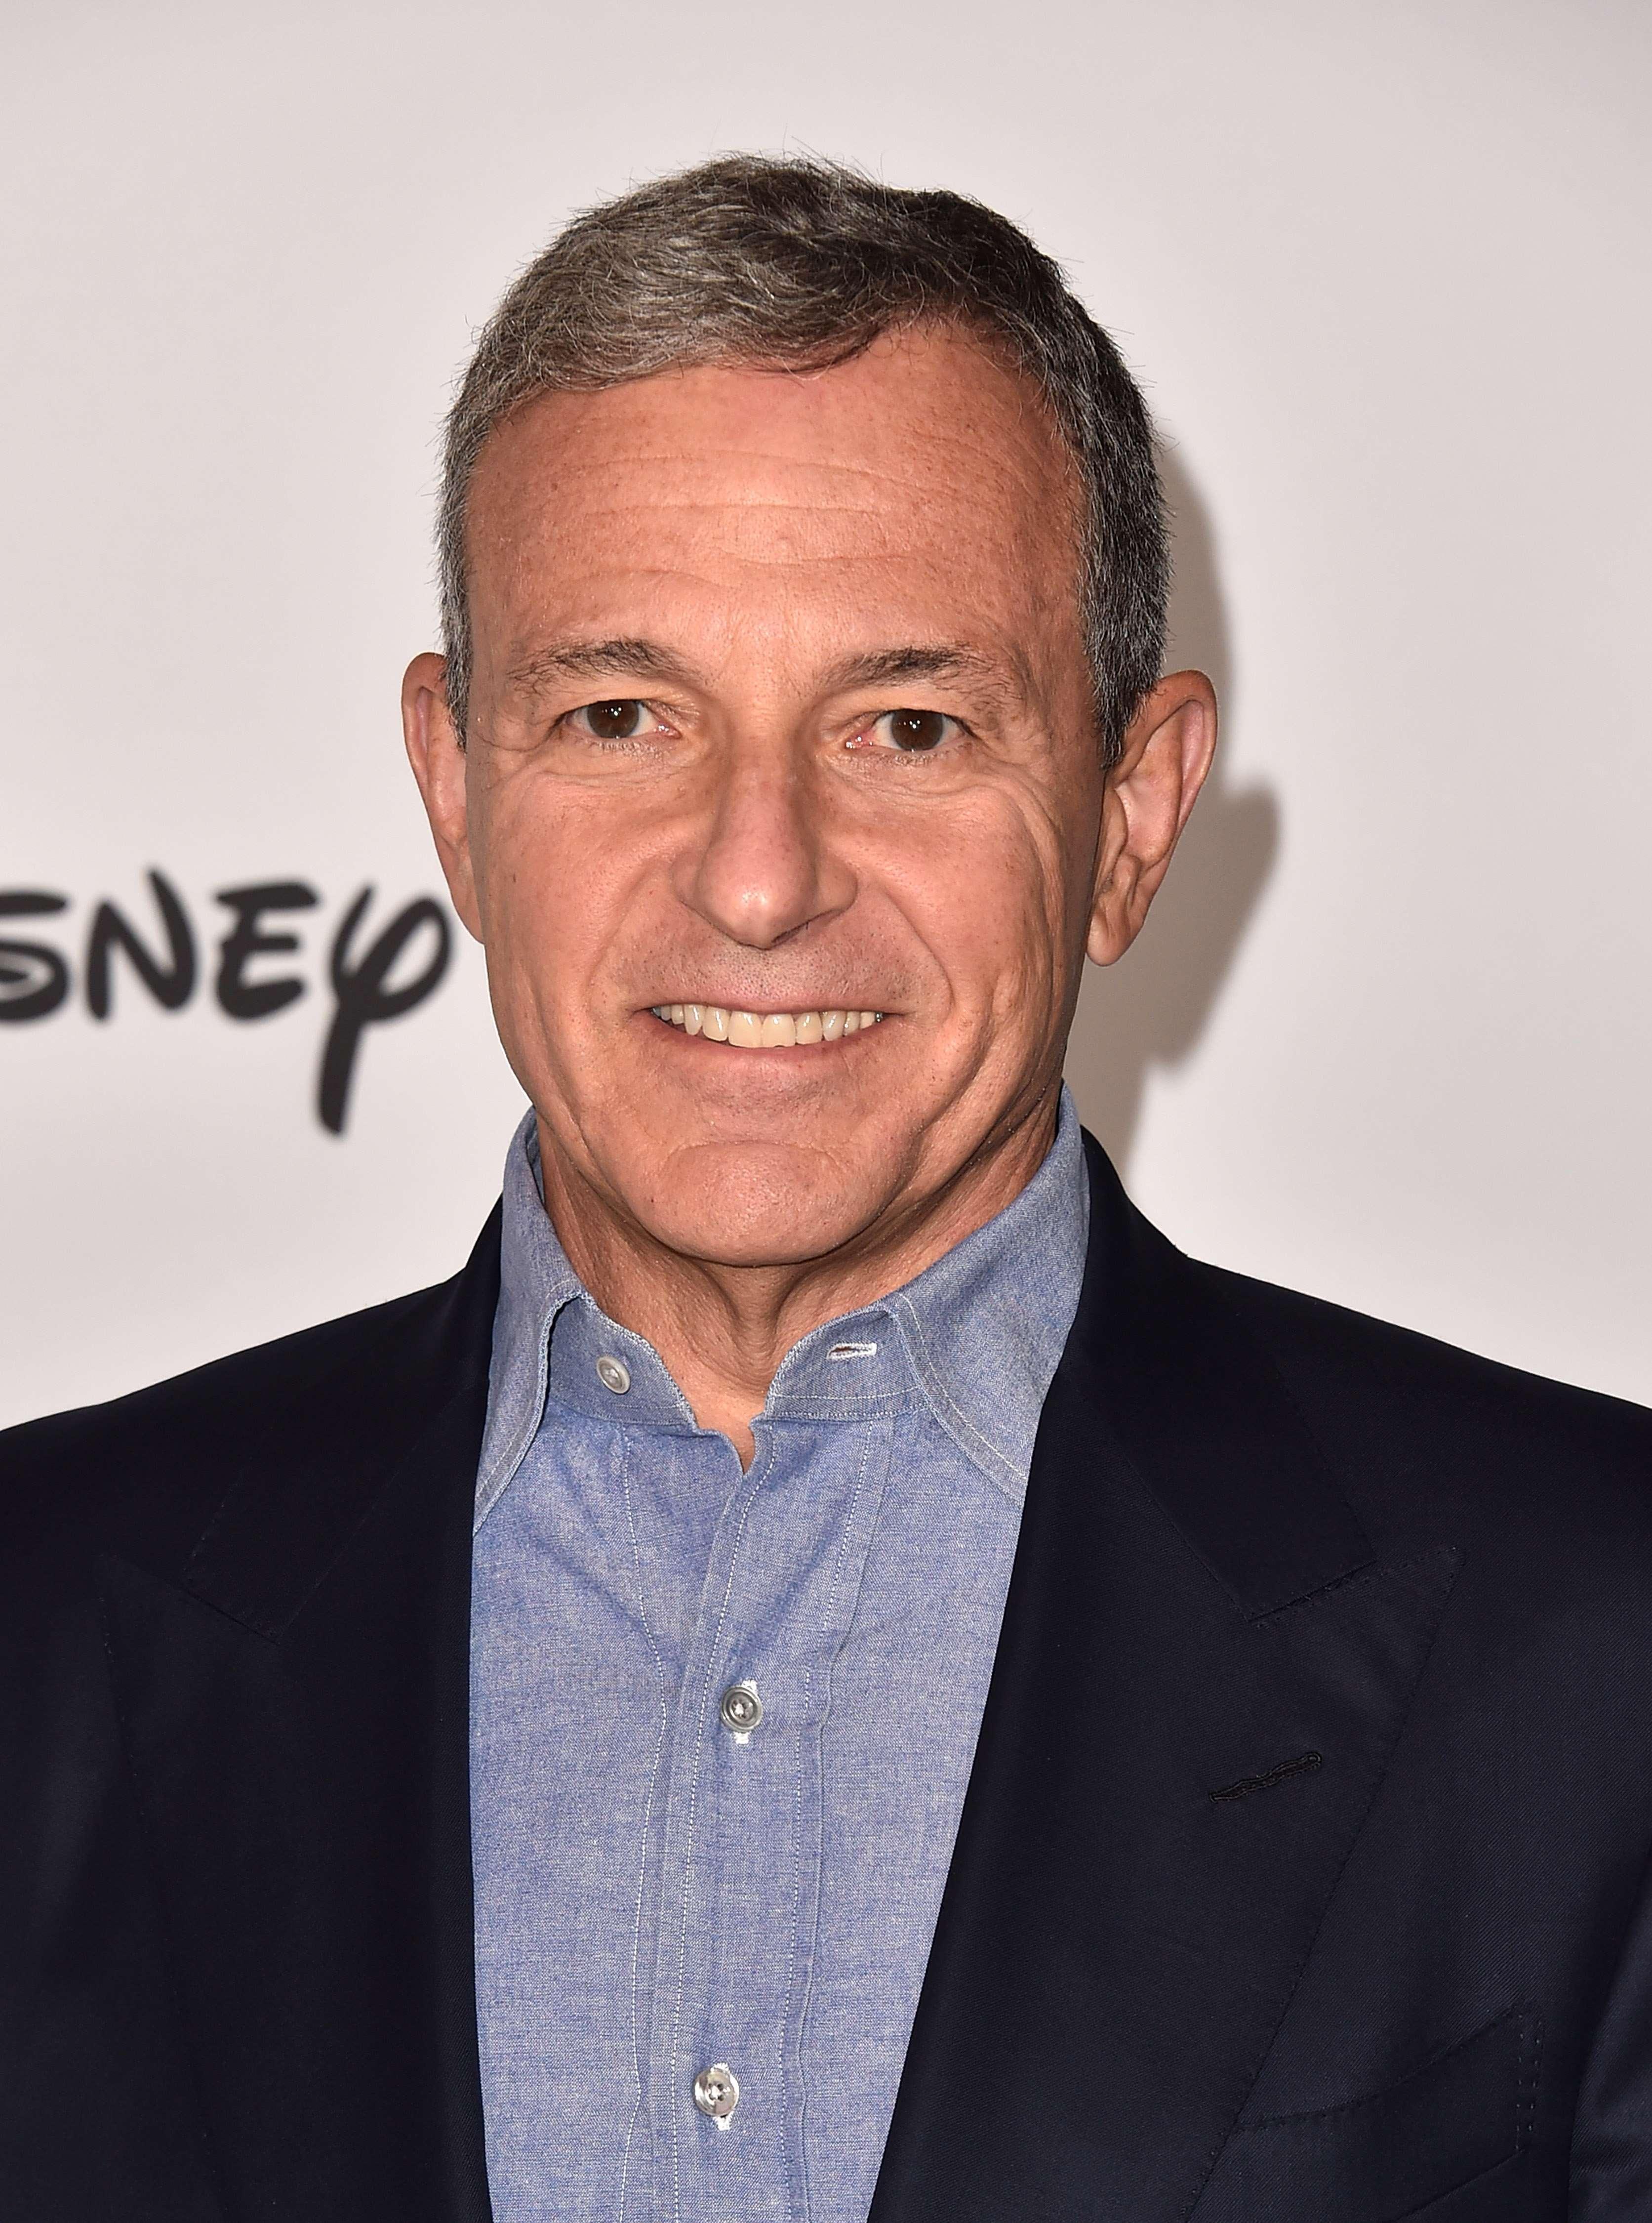 Disney-sjefen Bob Iger sier de bevisst priser seg lavt for å nå ut til så mange som mulig.